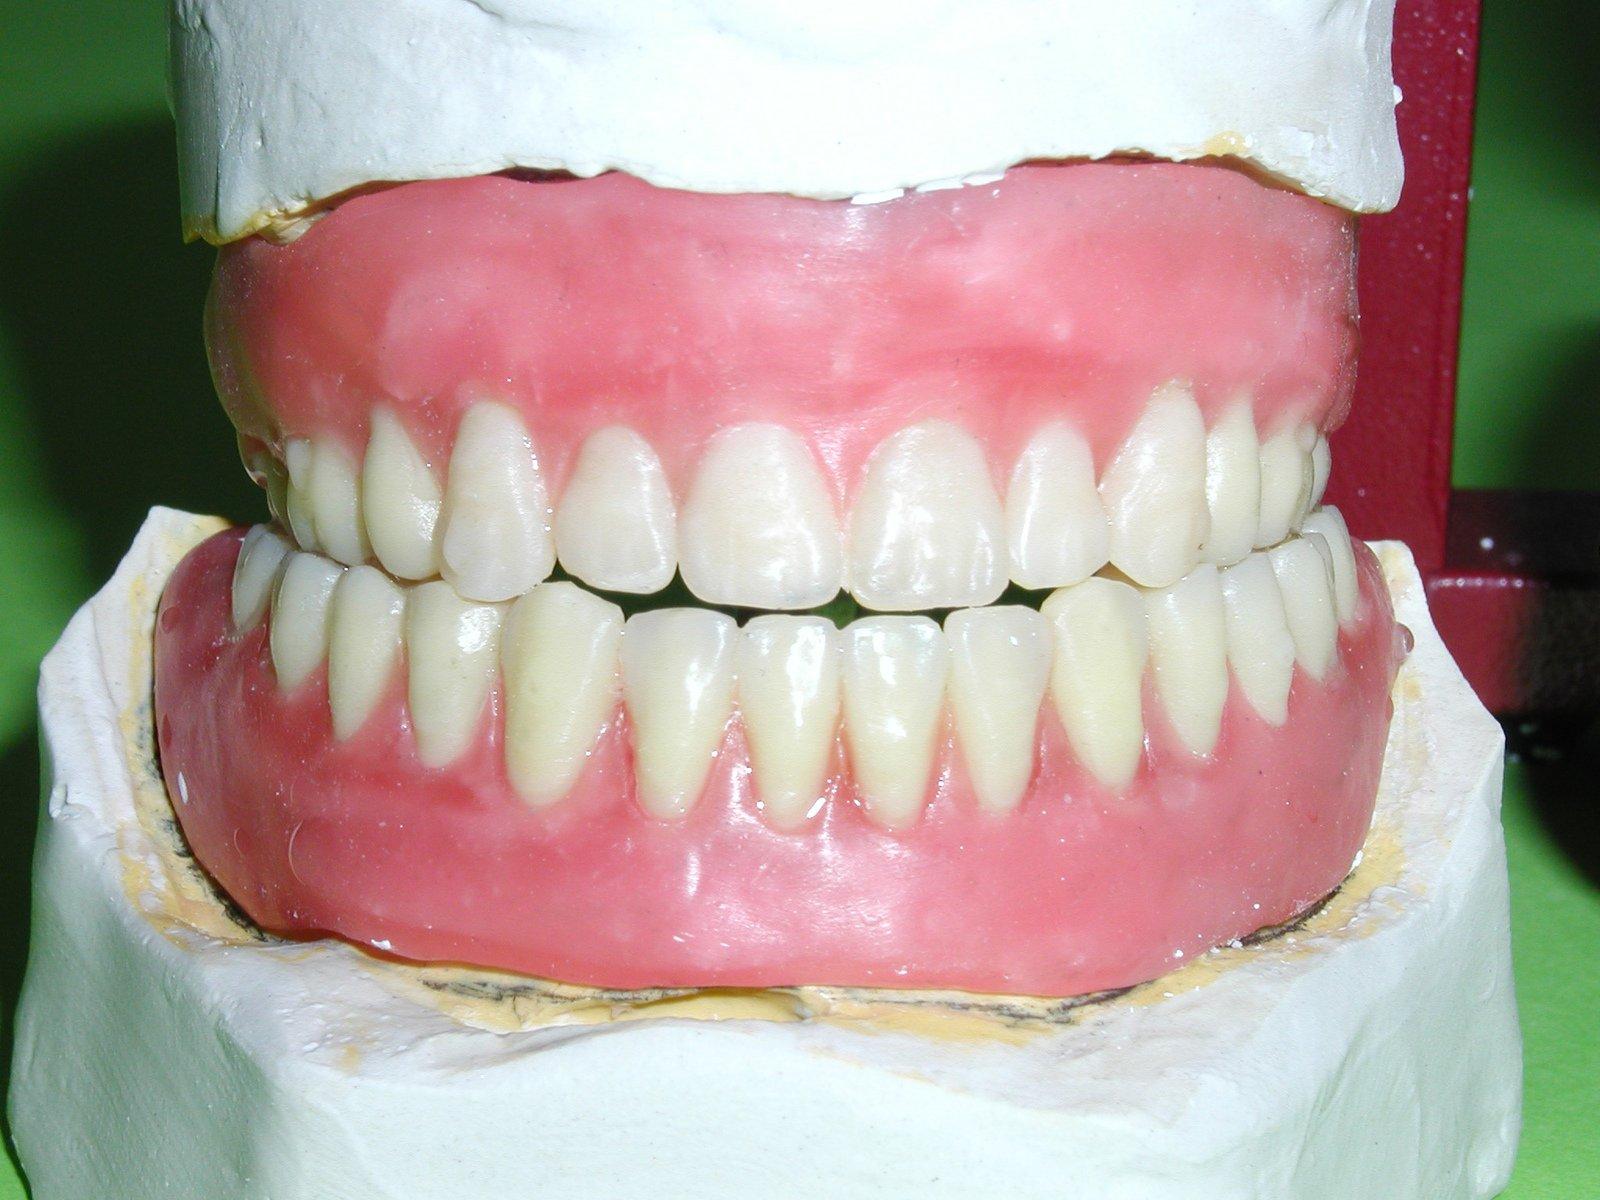 Free false teeth Stock Photo - FreeImages.com